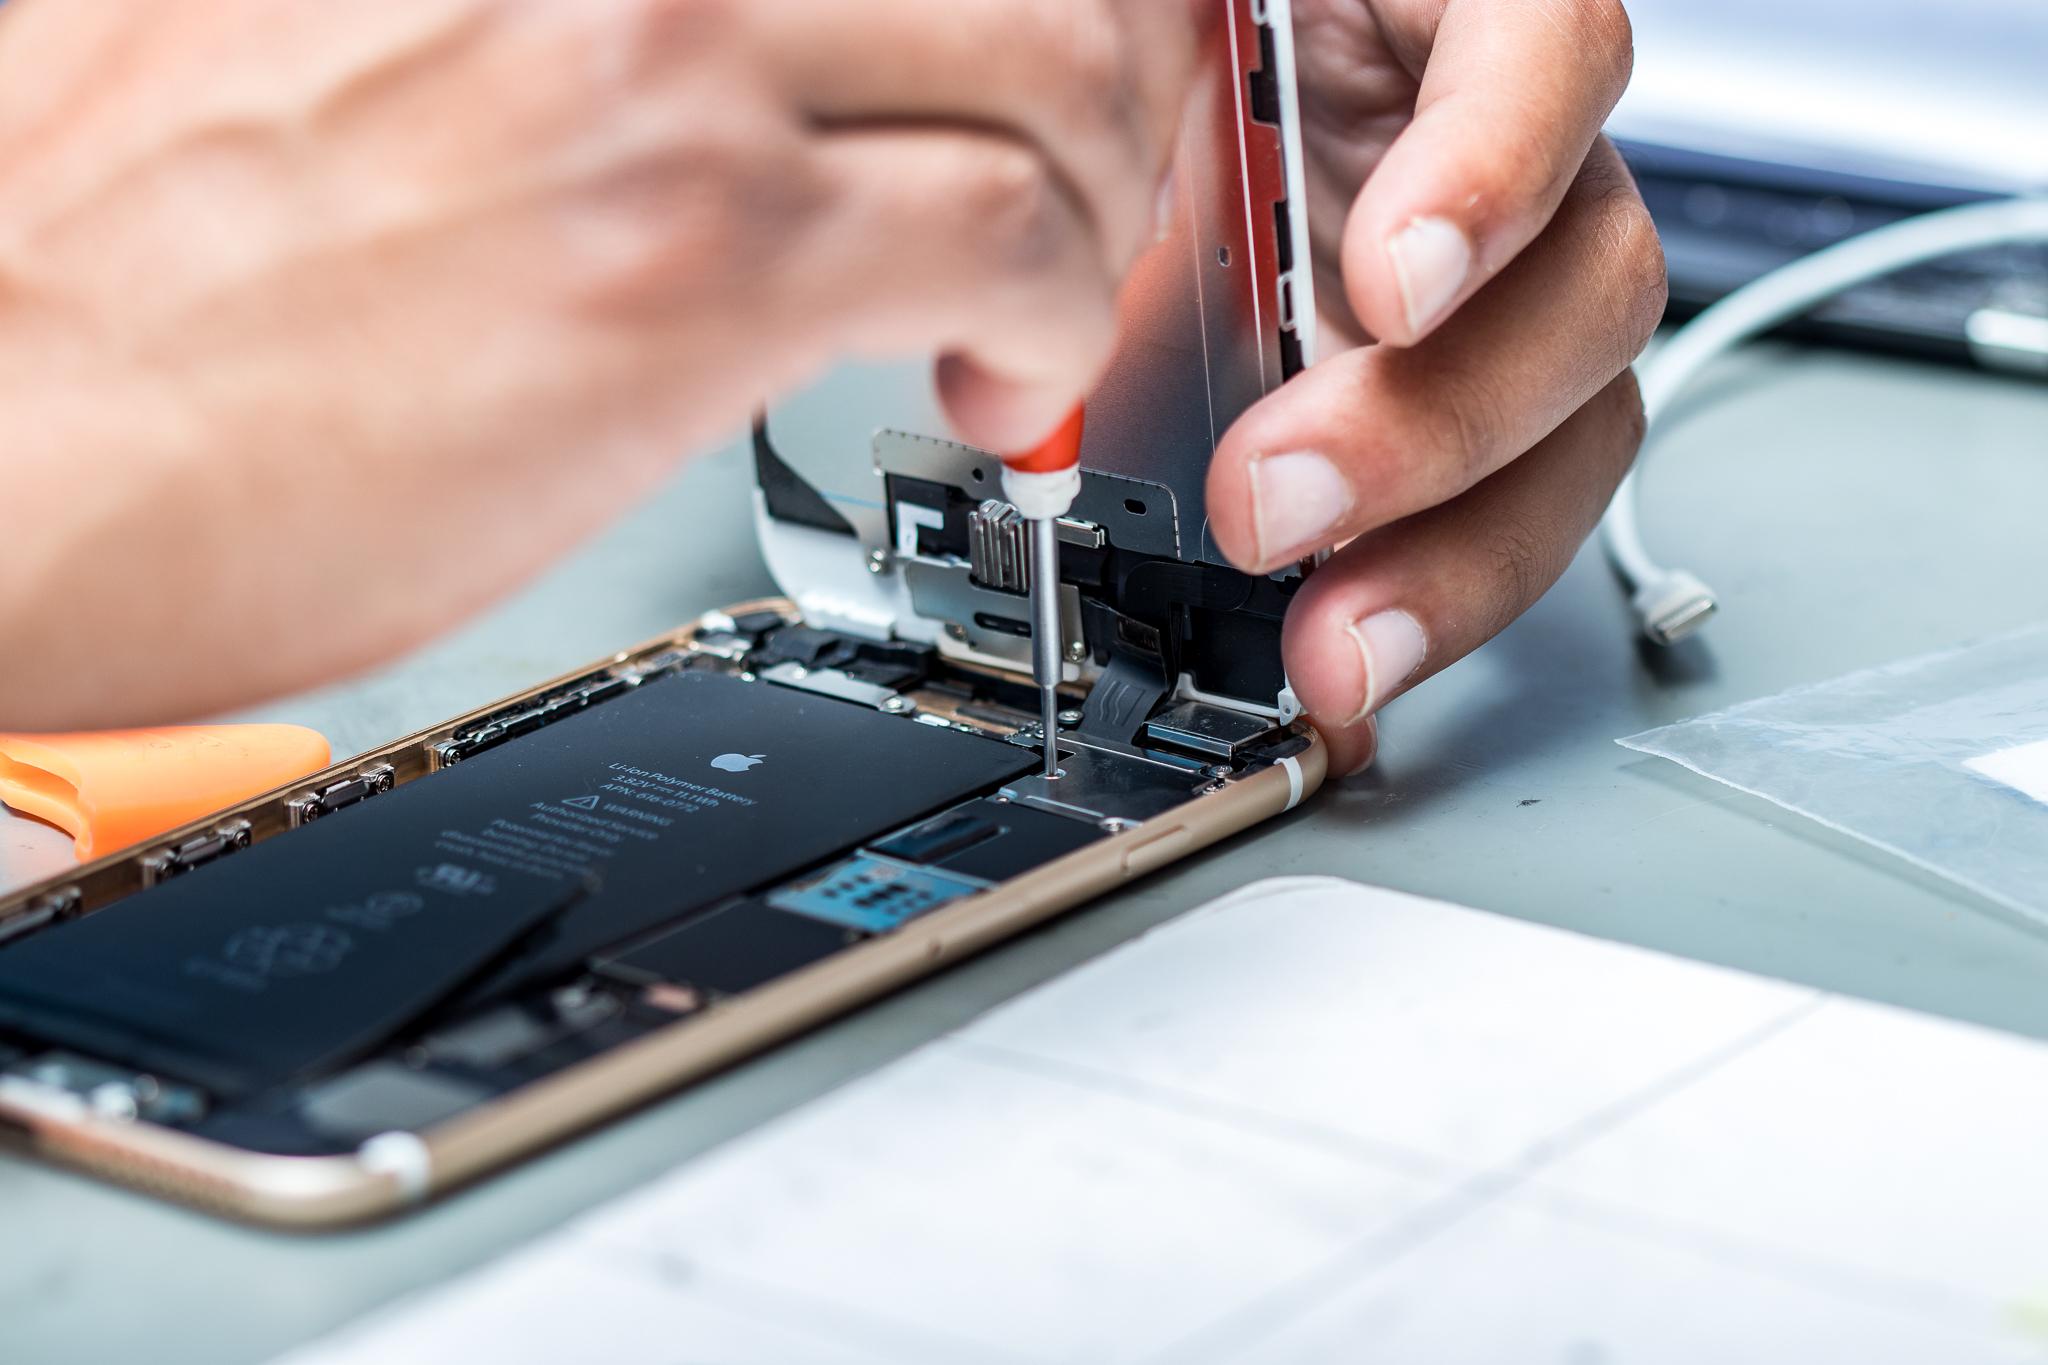 iPhone repair Philippines